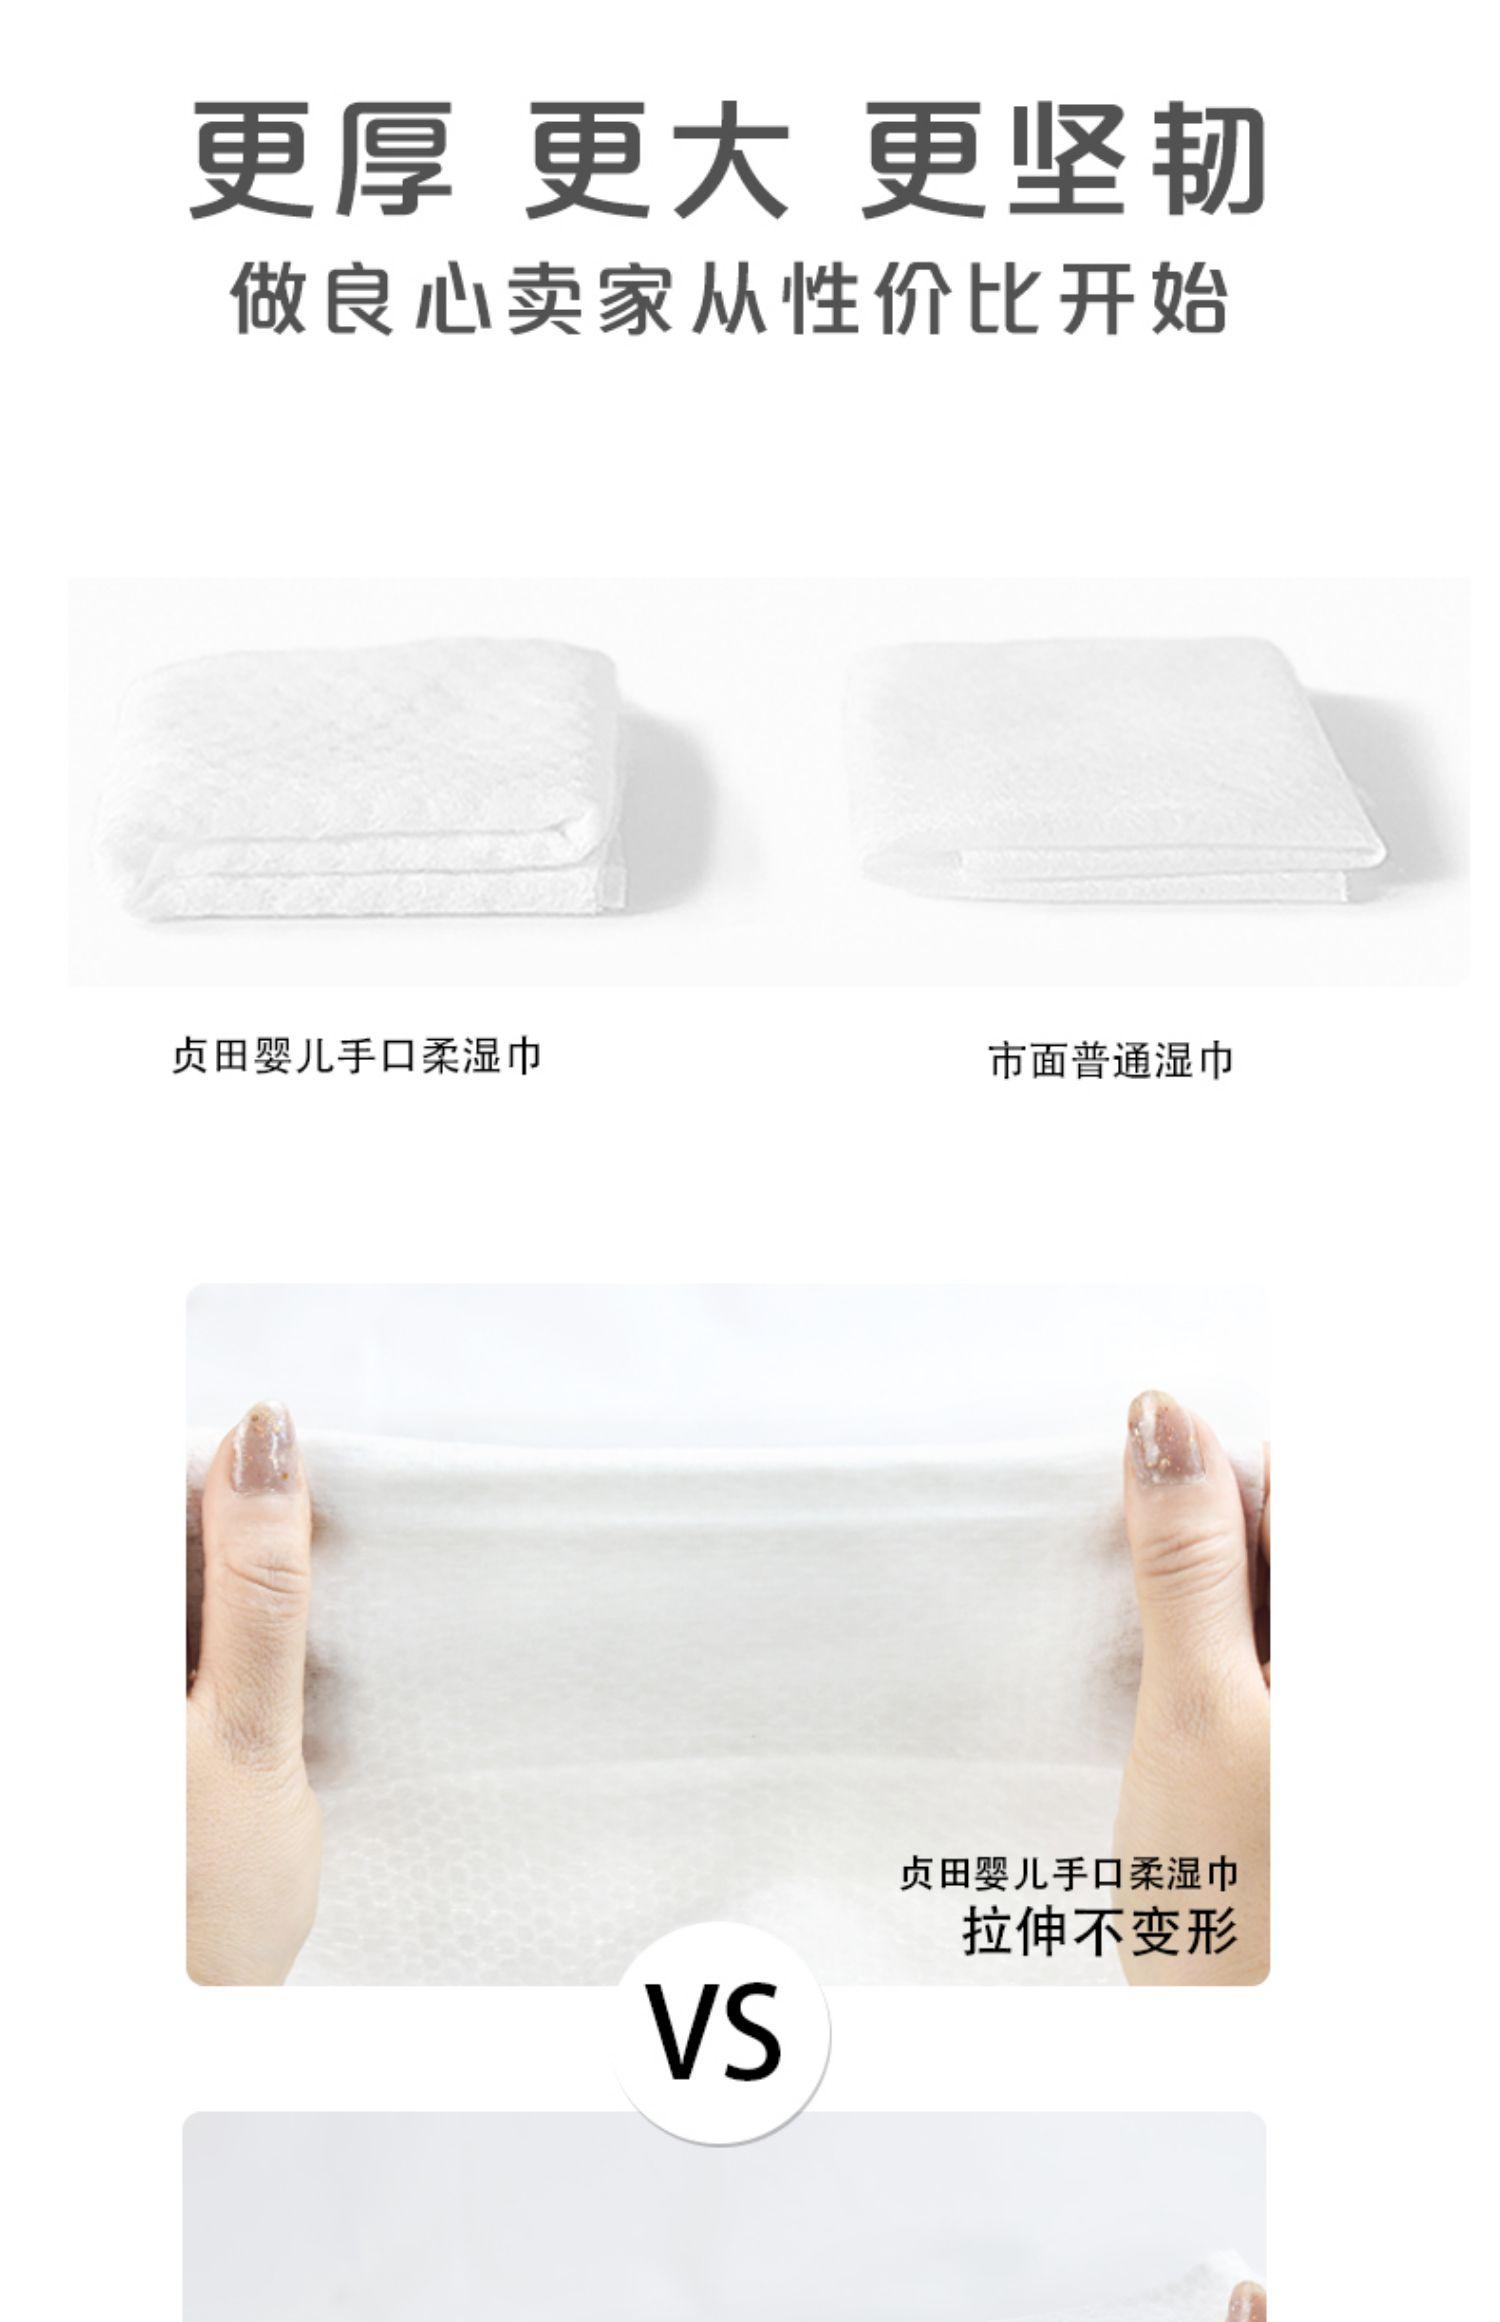 【帆王】带盖婴幼儿专用湿巾80抽*5大包